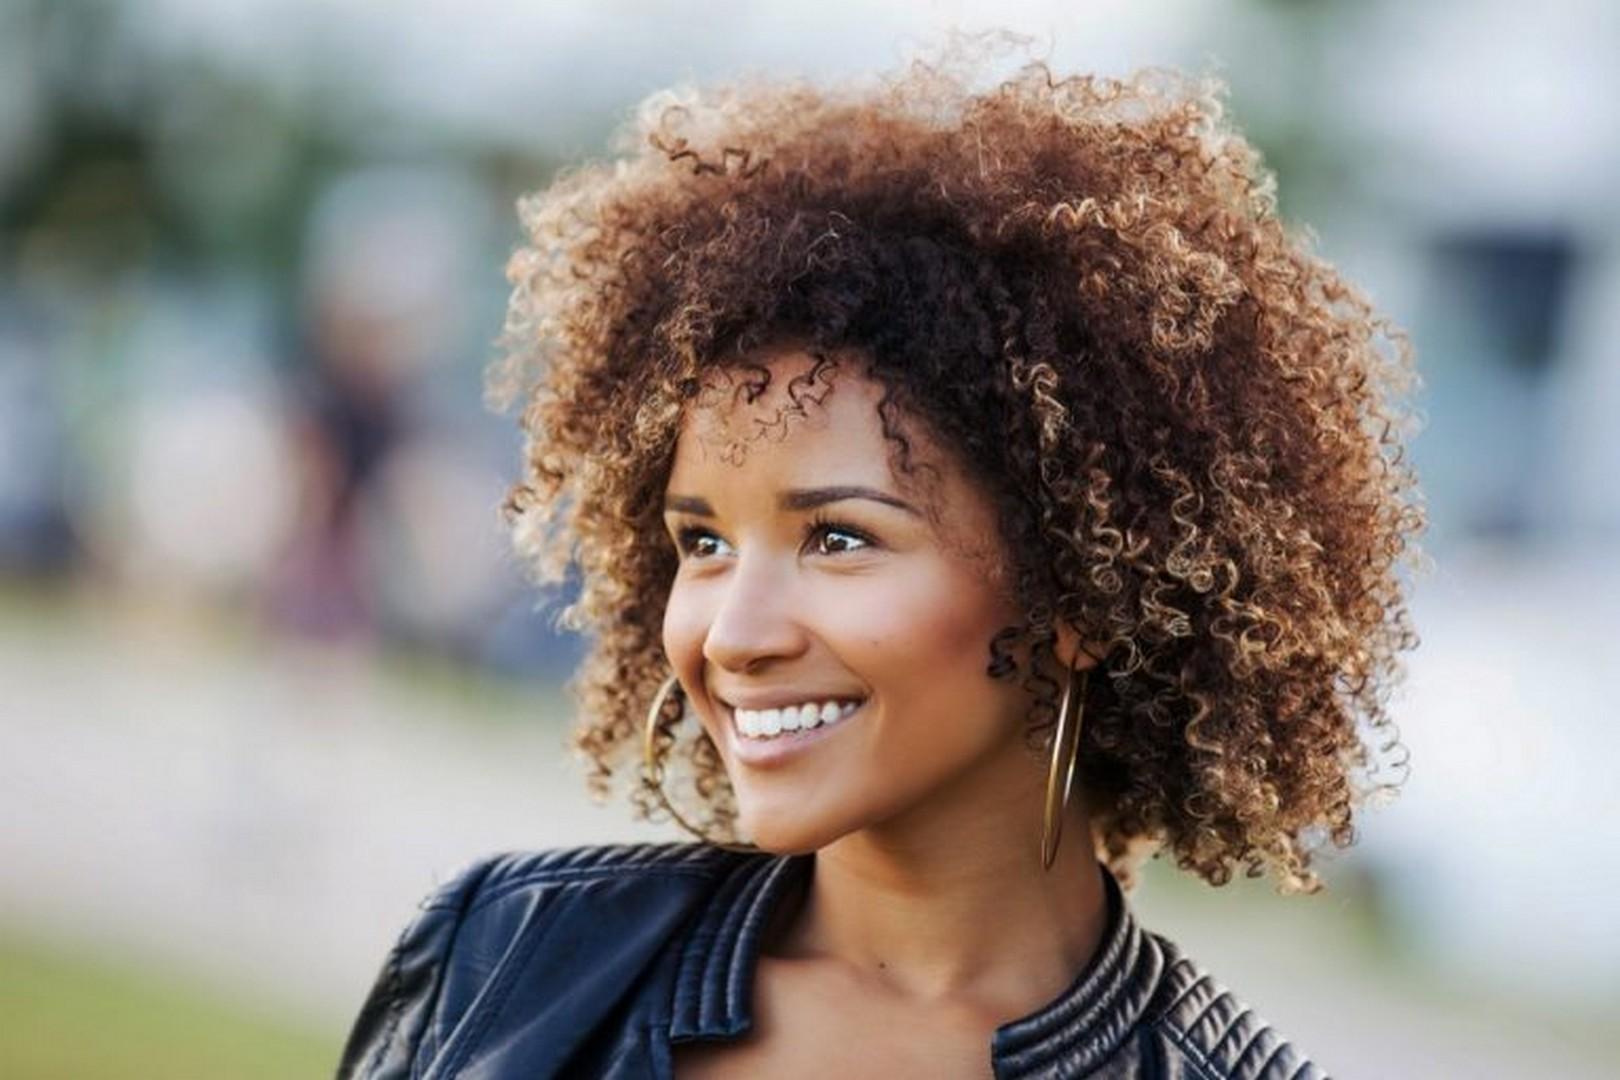 cabelo com reflexo luzes mechas 5 - Cabelo com reflexo, luzes ou mechas: diferenças, dicas e inspirações